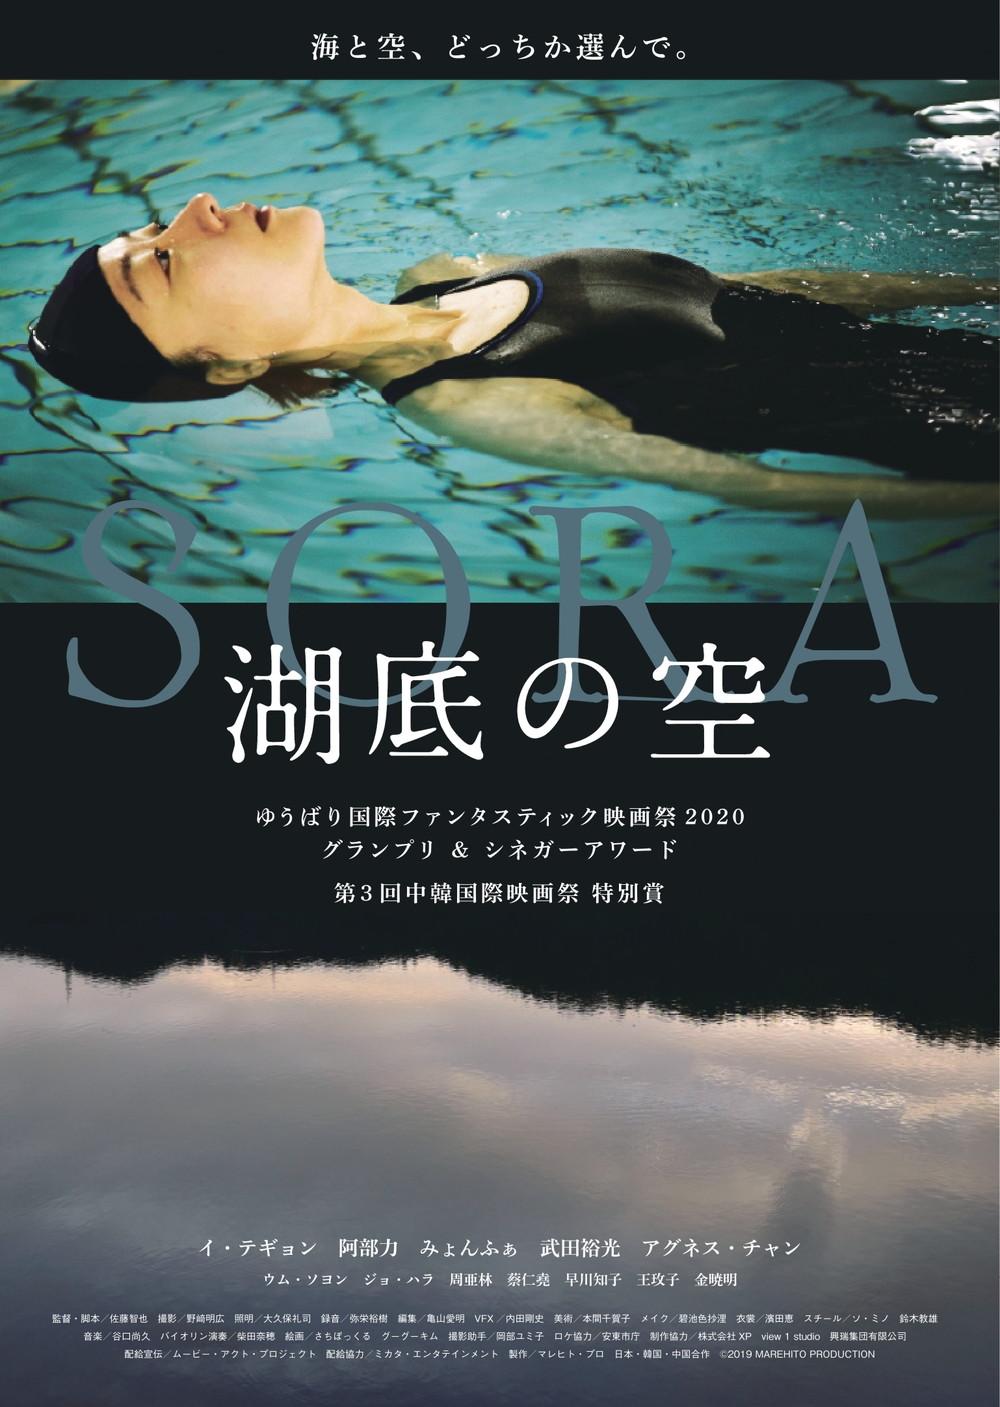 『湖底の空』ポスター